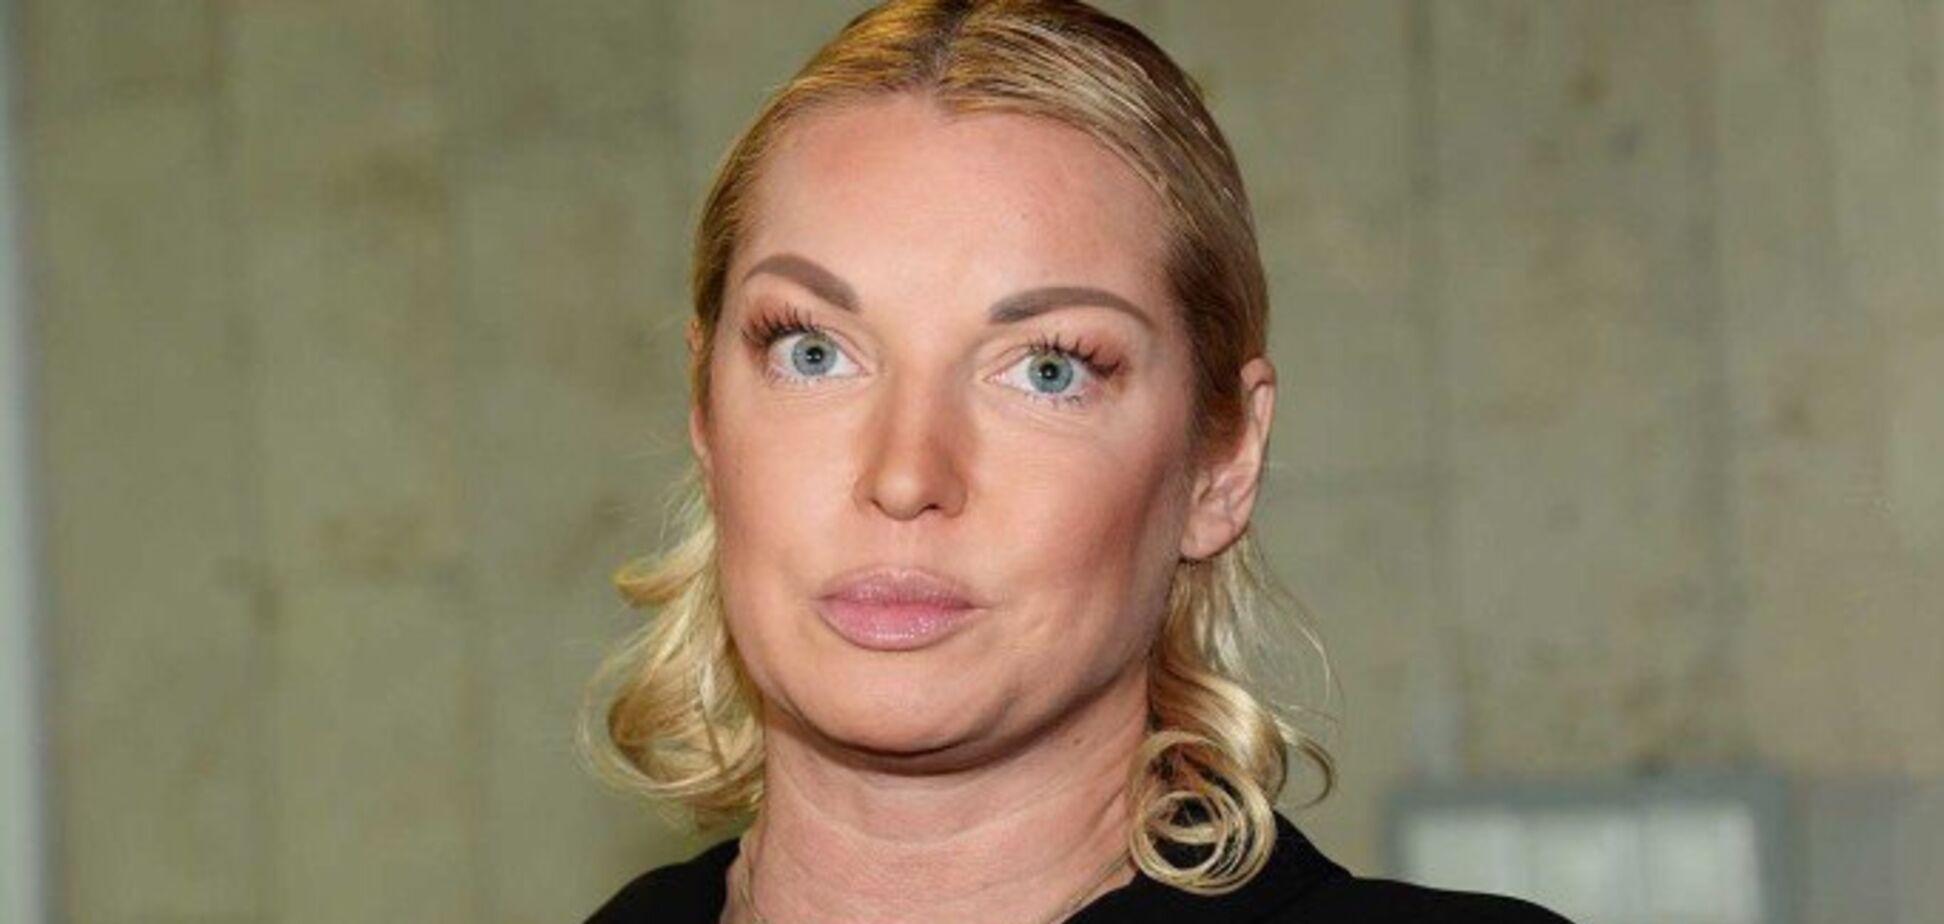 Экс-возлюбленный Волочковой подал на балерину в суд: требует 130 млн